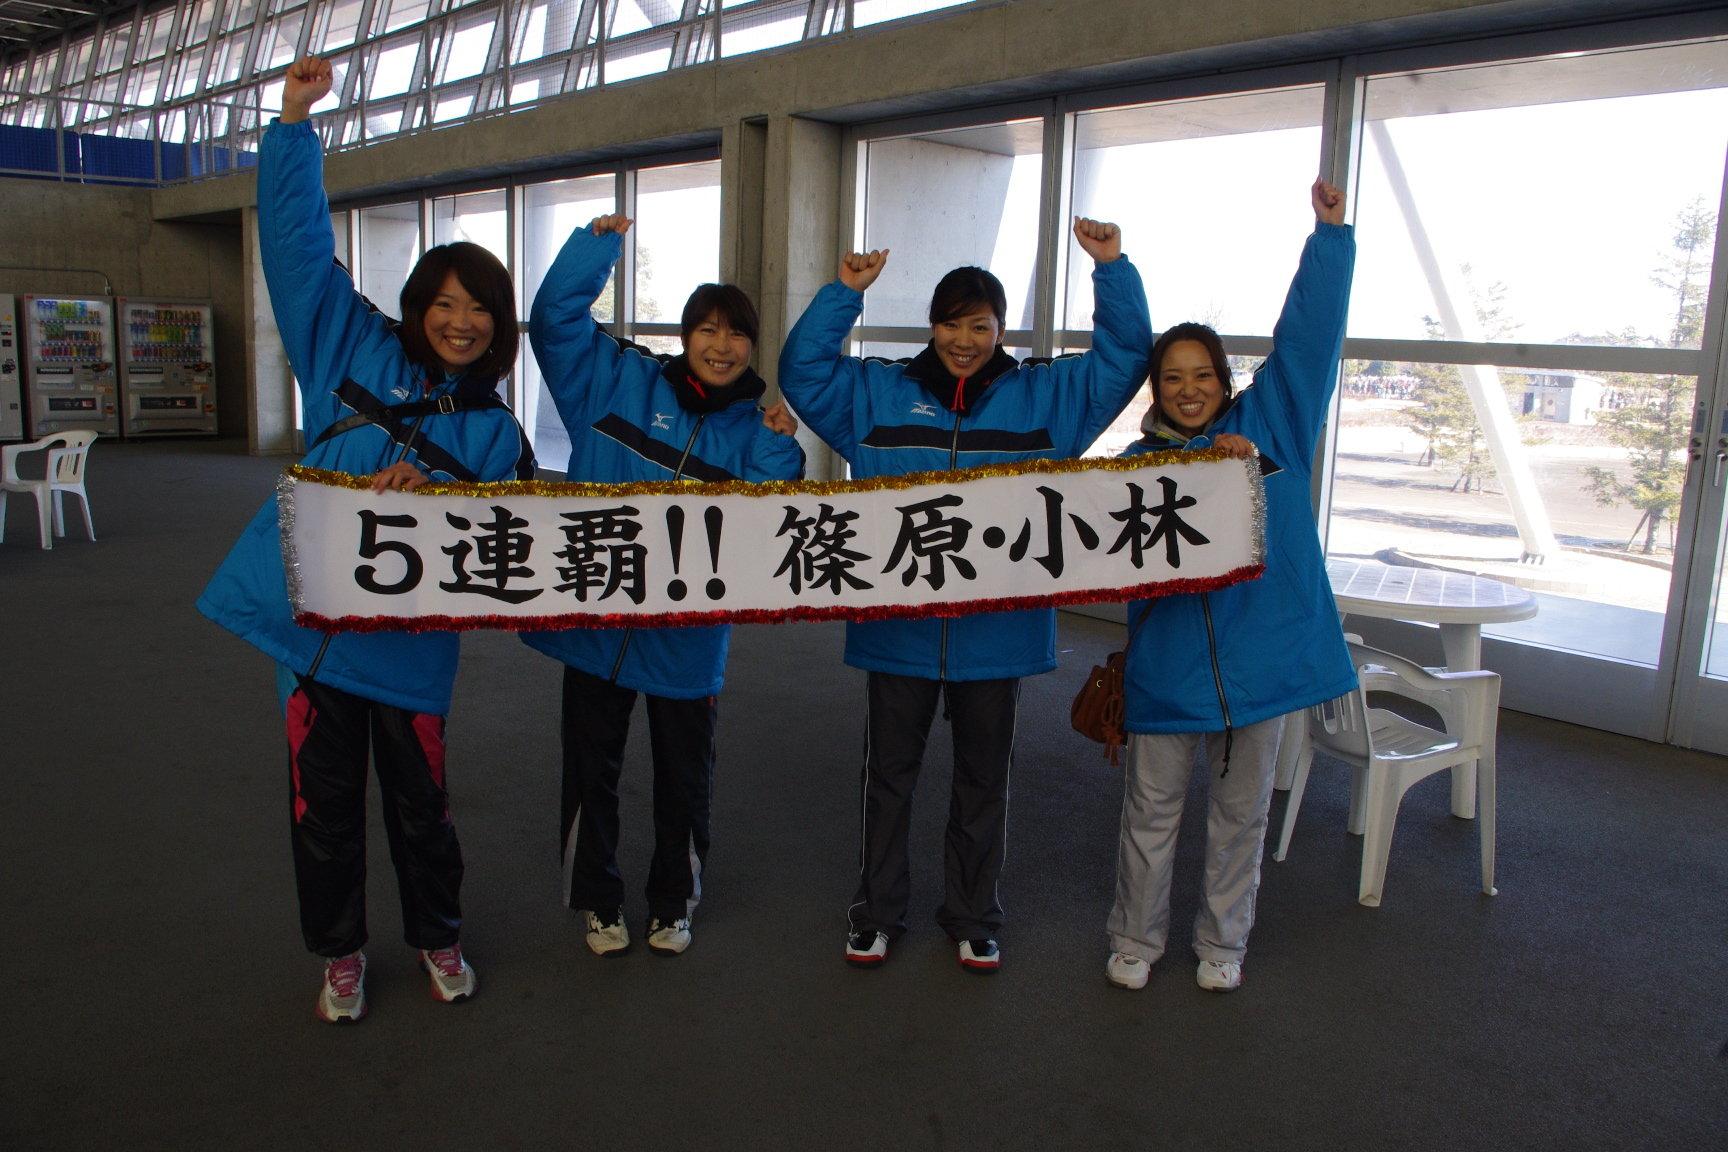 この応援、ぉまみちゃんとあまじゅんで東京体育館まで届けますよー!